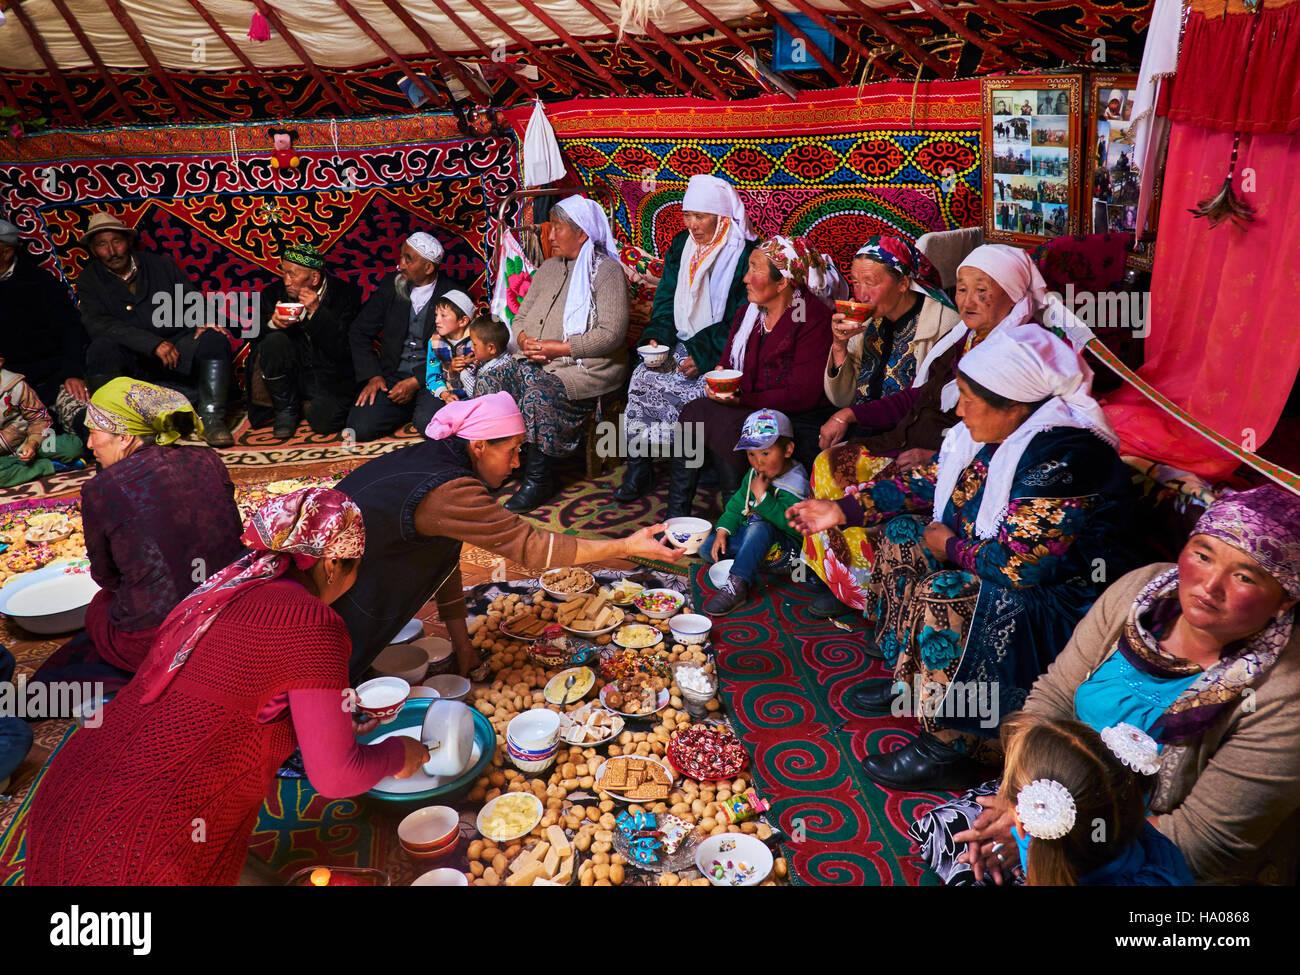 La Mongolie, Bayan-Ulgii province, l'ouest de la Mongolie, camp de nomades kazakhs dans la steppe, festival Photo Stock